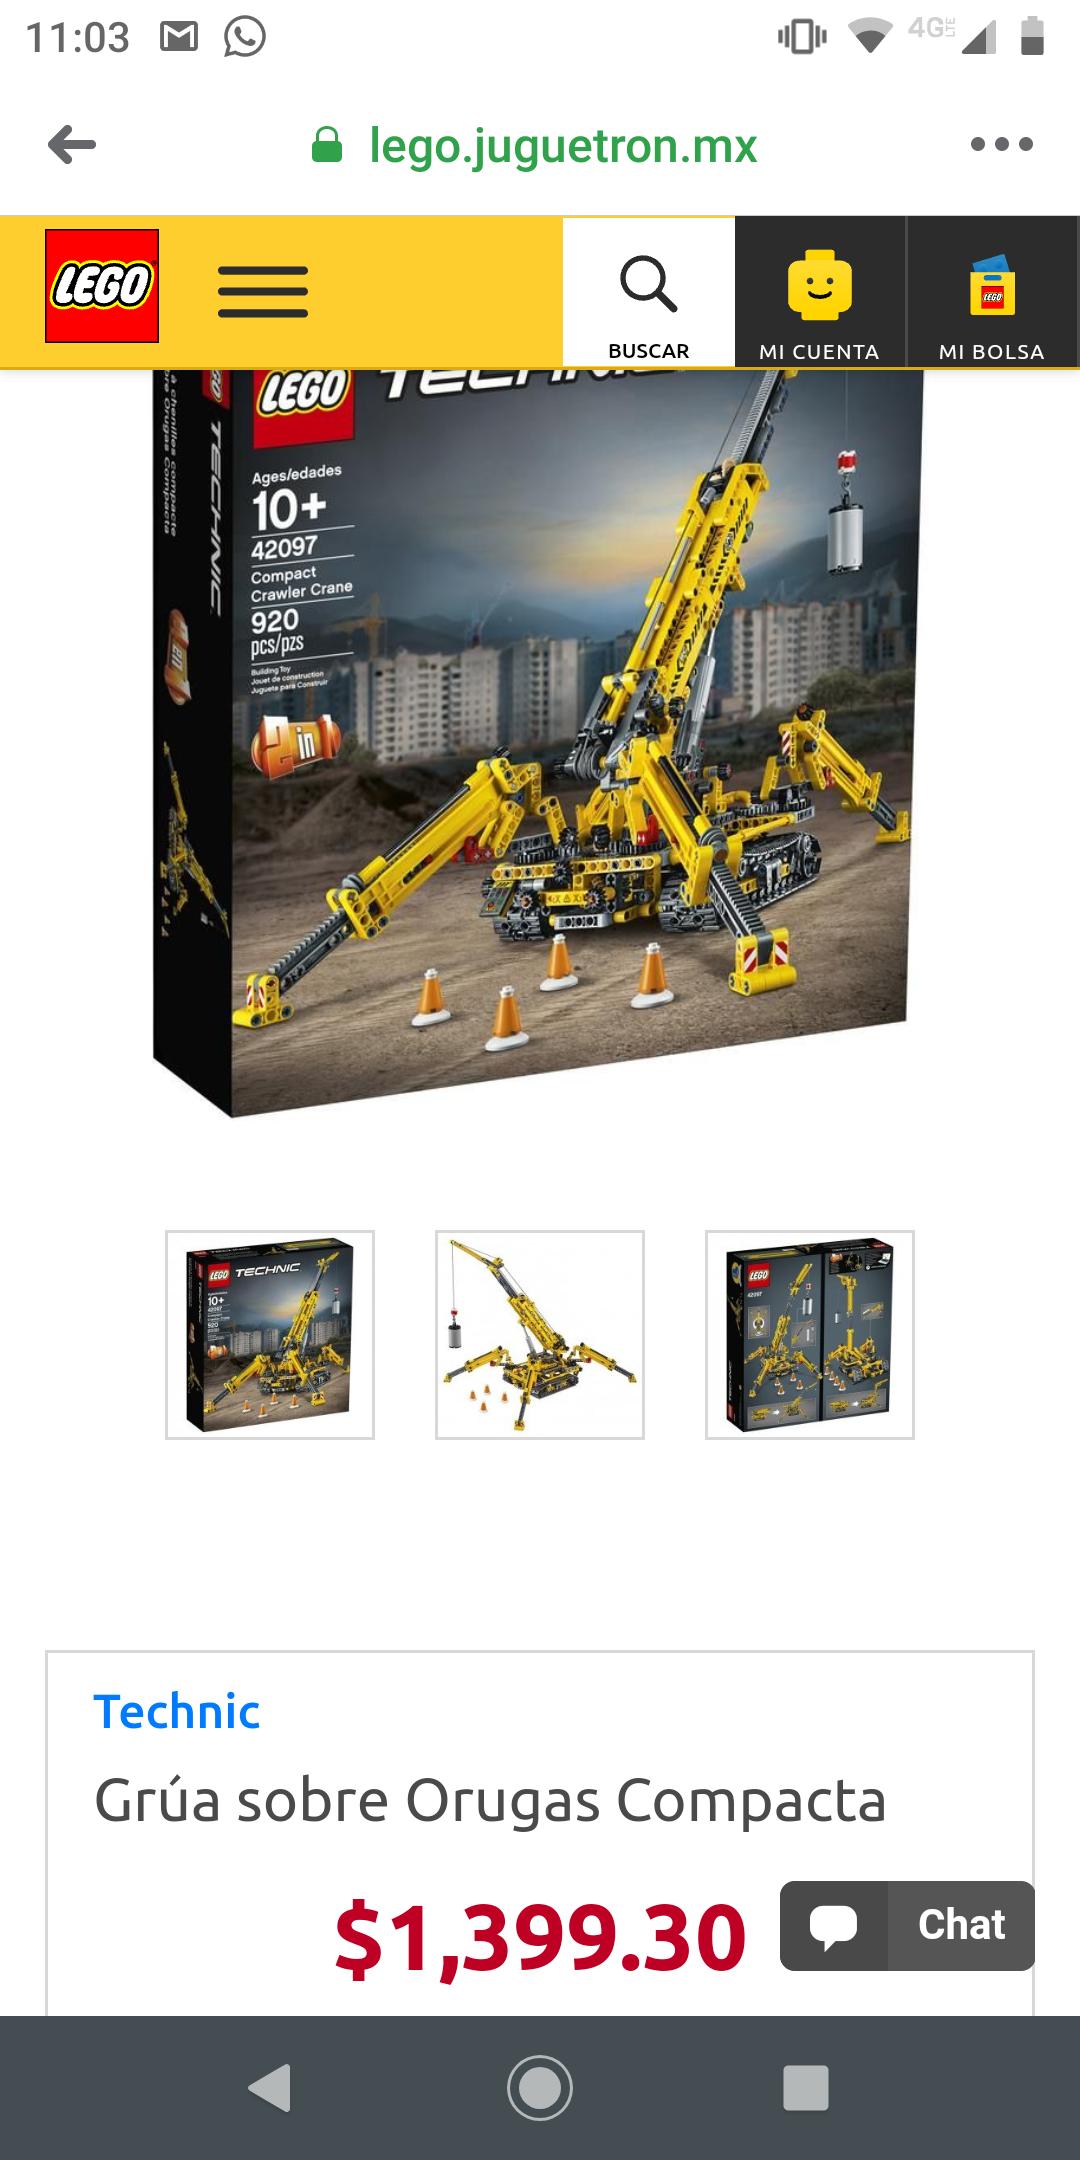 juguetron: Lego Technic Grúa sobre Orugas Compacta